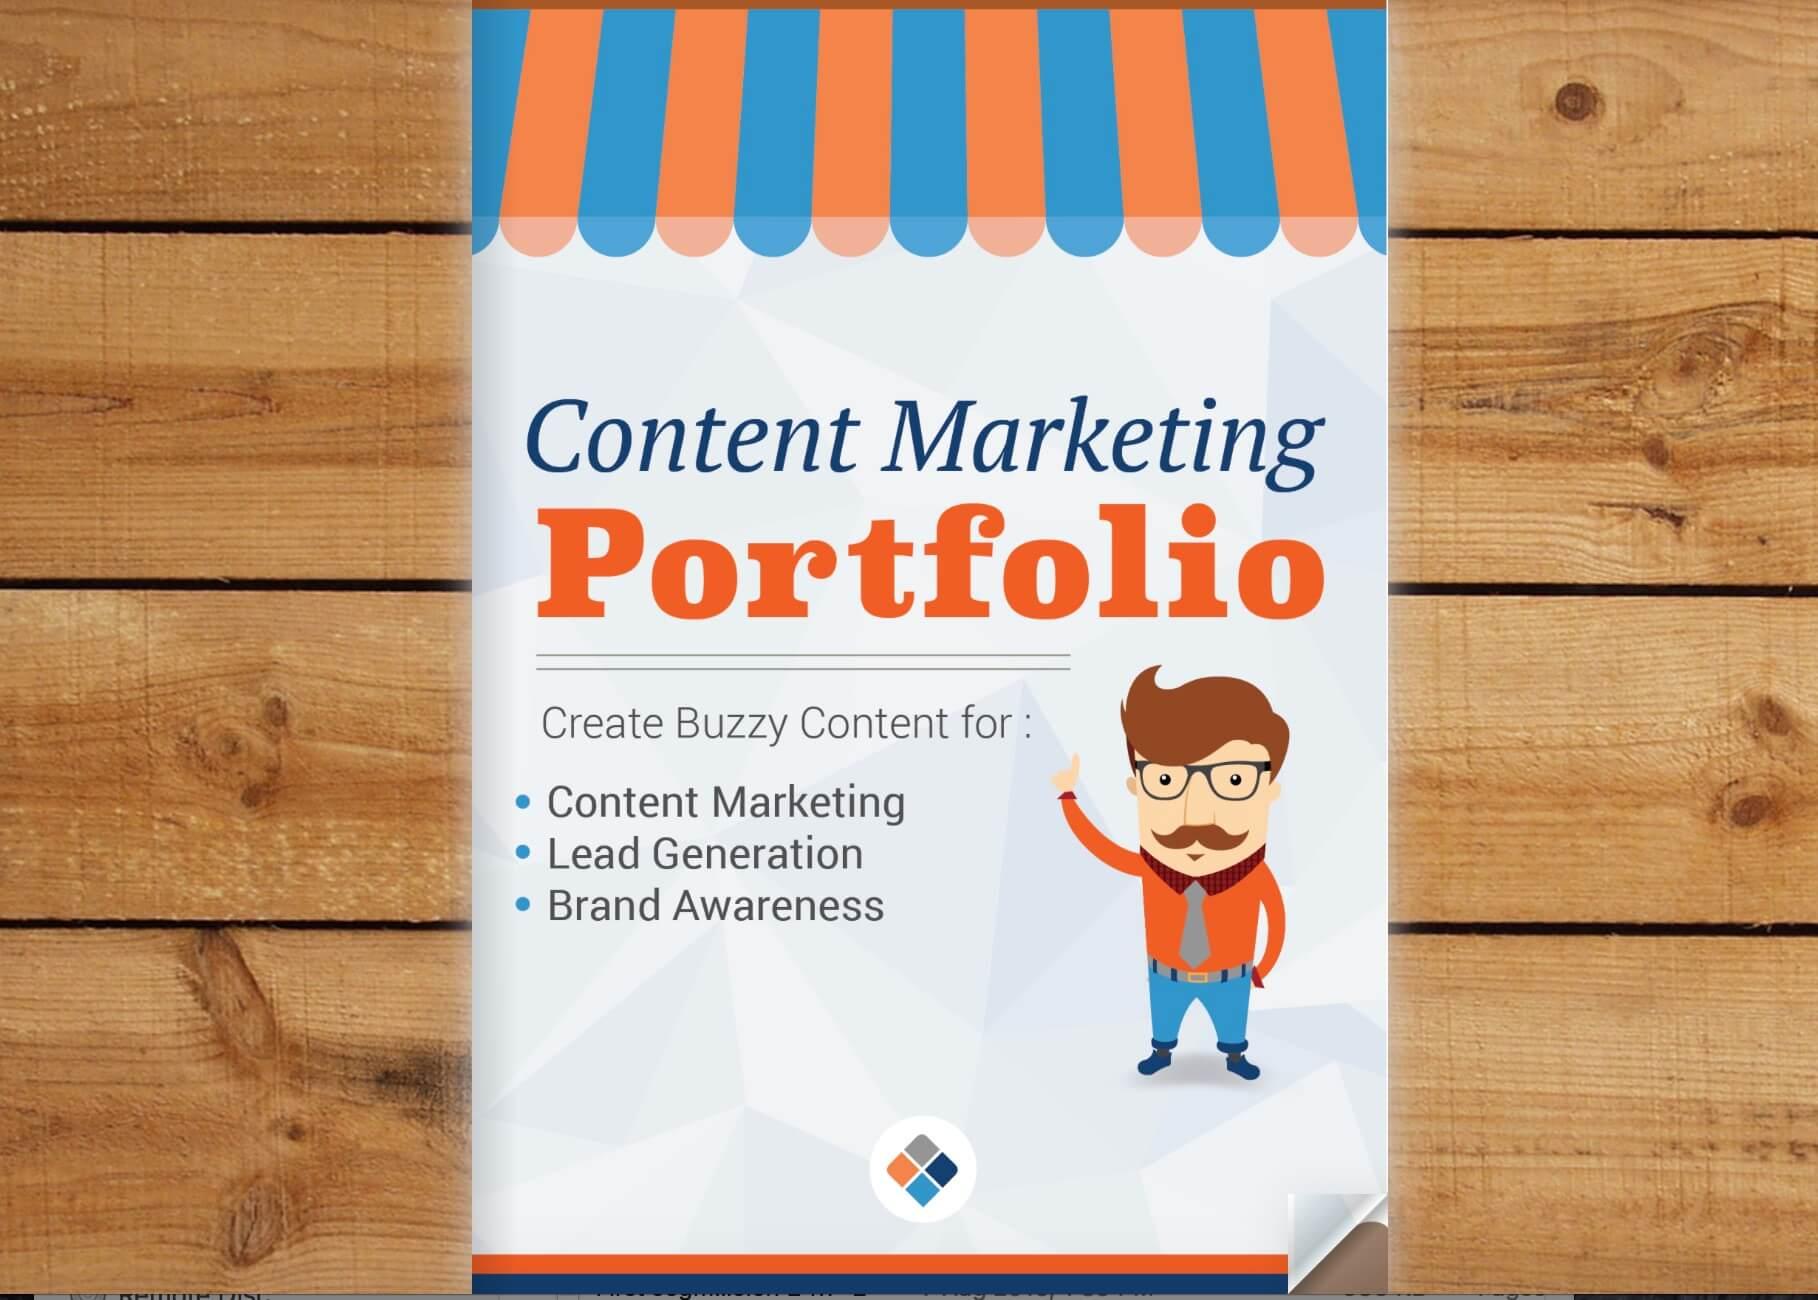 Content Marketing Portforlio